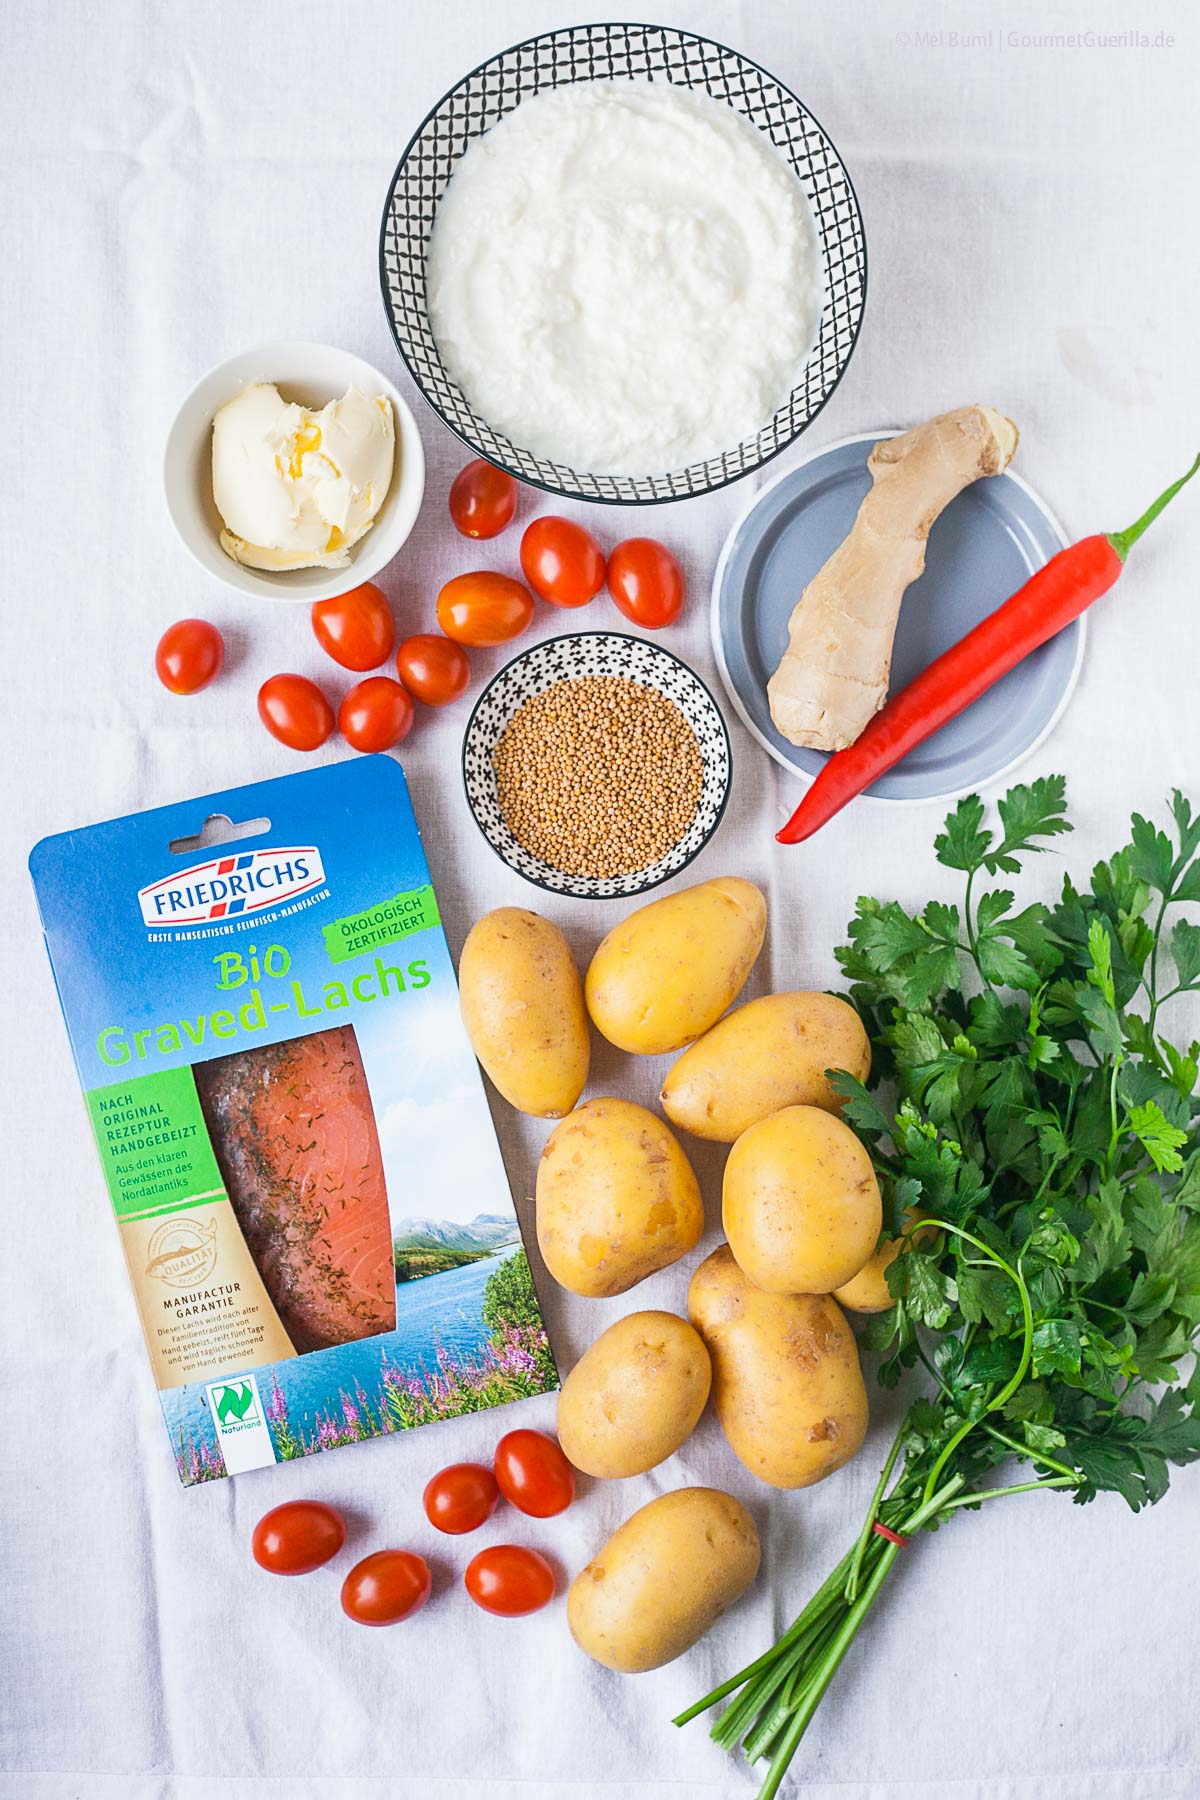 Zutaten für Ayurvedischen Kartoffelsalat mit Graved Lachs |GourmetGuerilla.de